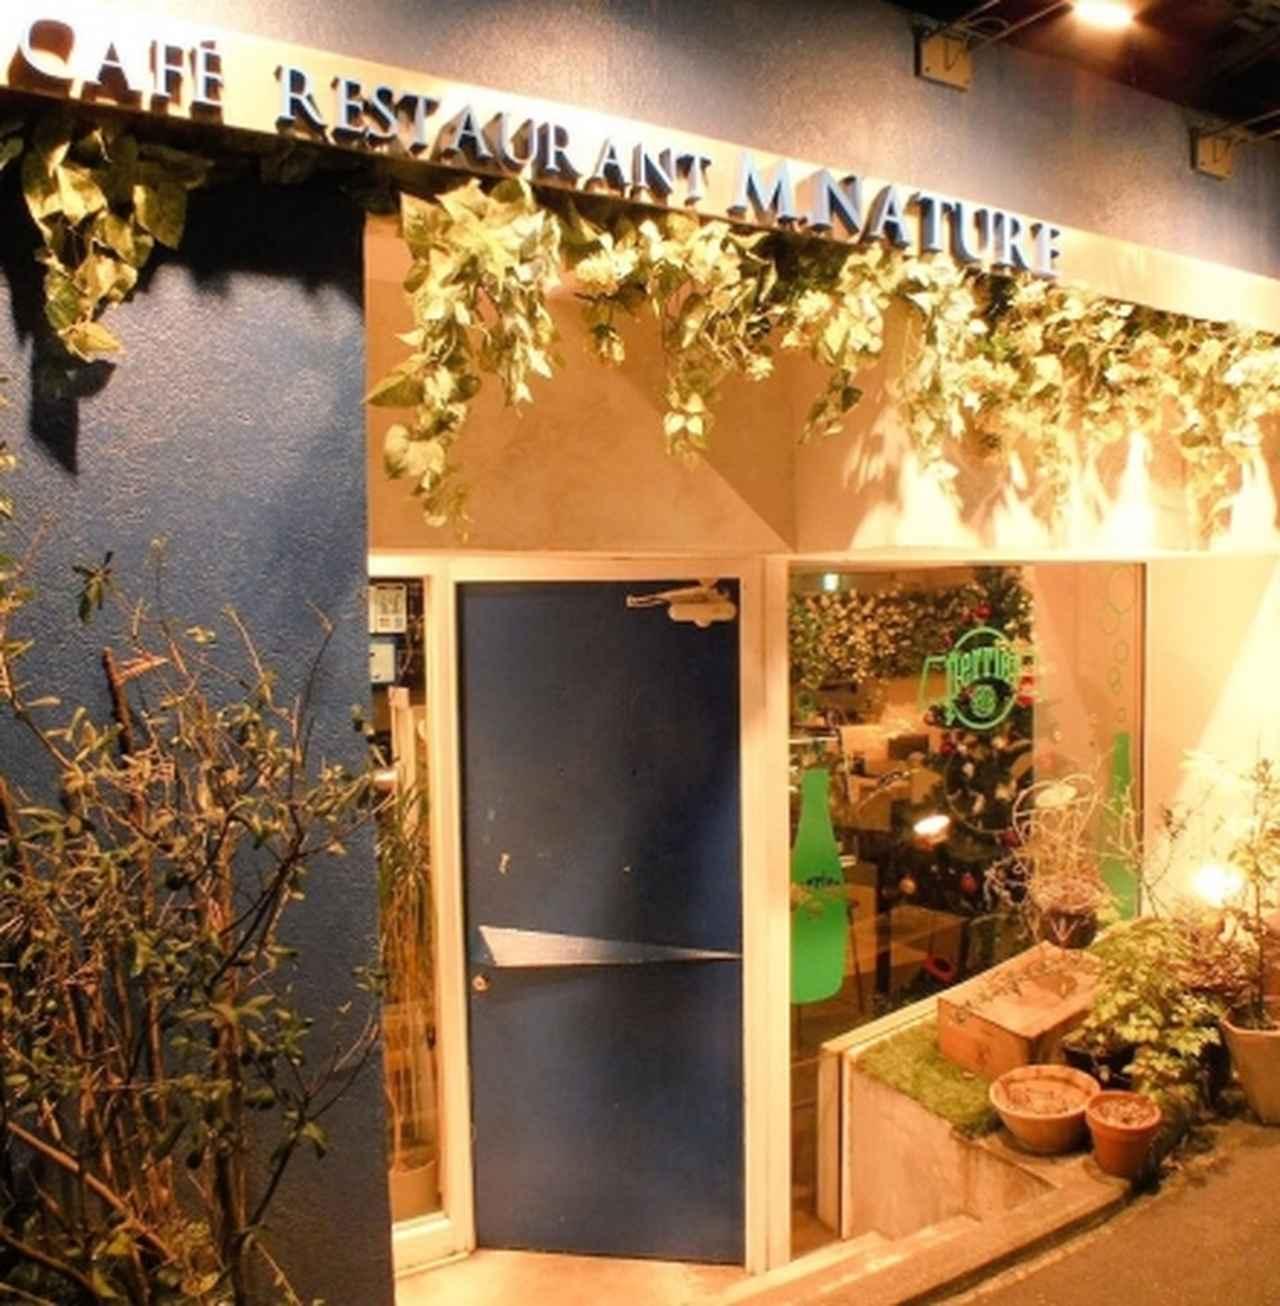 画像2: 今年の冬は『イタリアン ケール鍋』で寒さ対策!